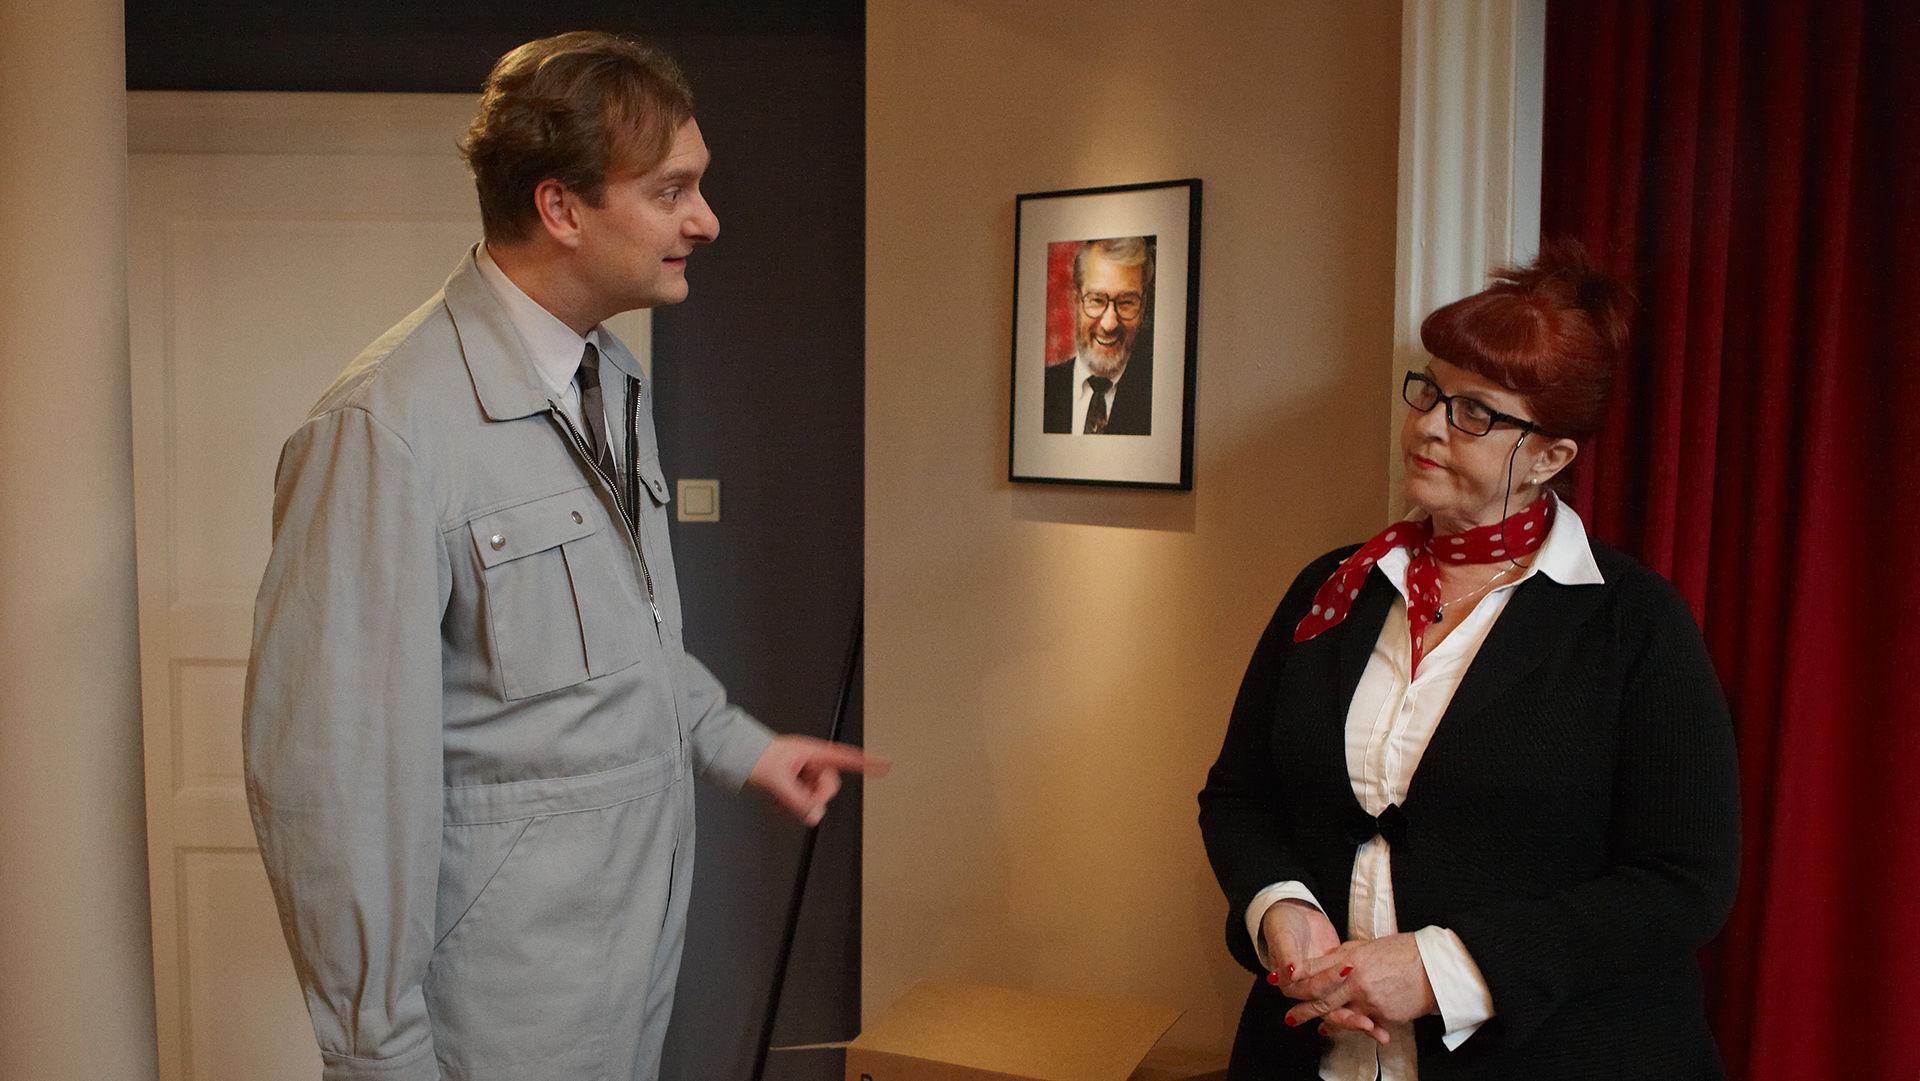 Alexander Jagsch (Dr. Sigmund Leidowitz), Elfi Eschke (Lilli Buxenschutz)